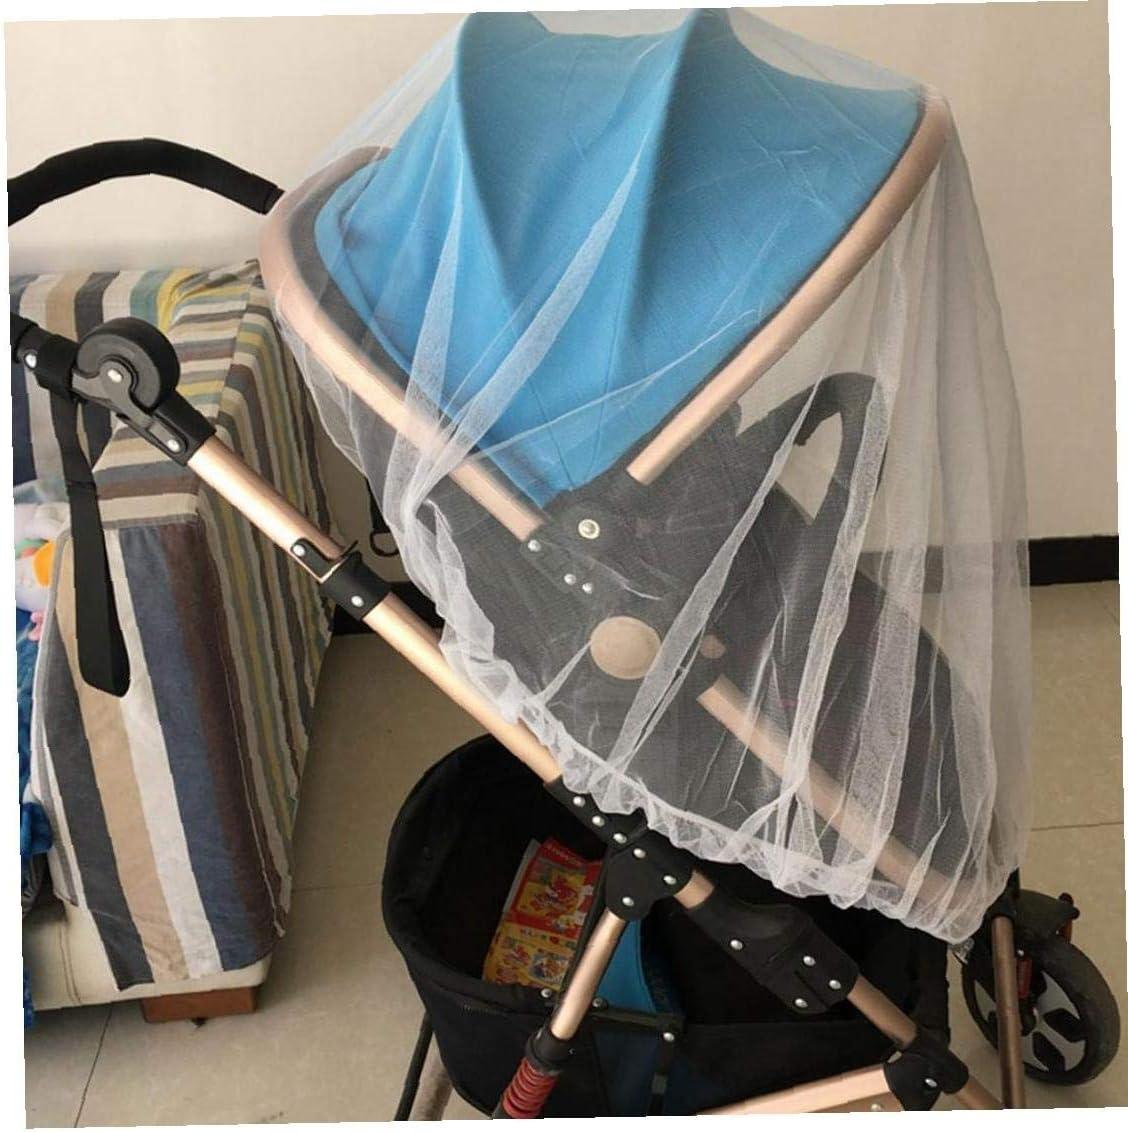 JBNS Kinderwagen Moskitonetz Universal-Baby-insekt-netze Trolley Anti-moskito-Abdeckung Weiches Insektennetz Ultra-fine Mesh Schutz Gegen Moskito 1pc